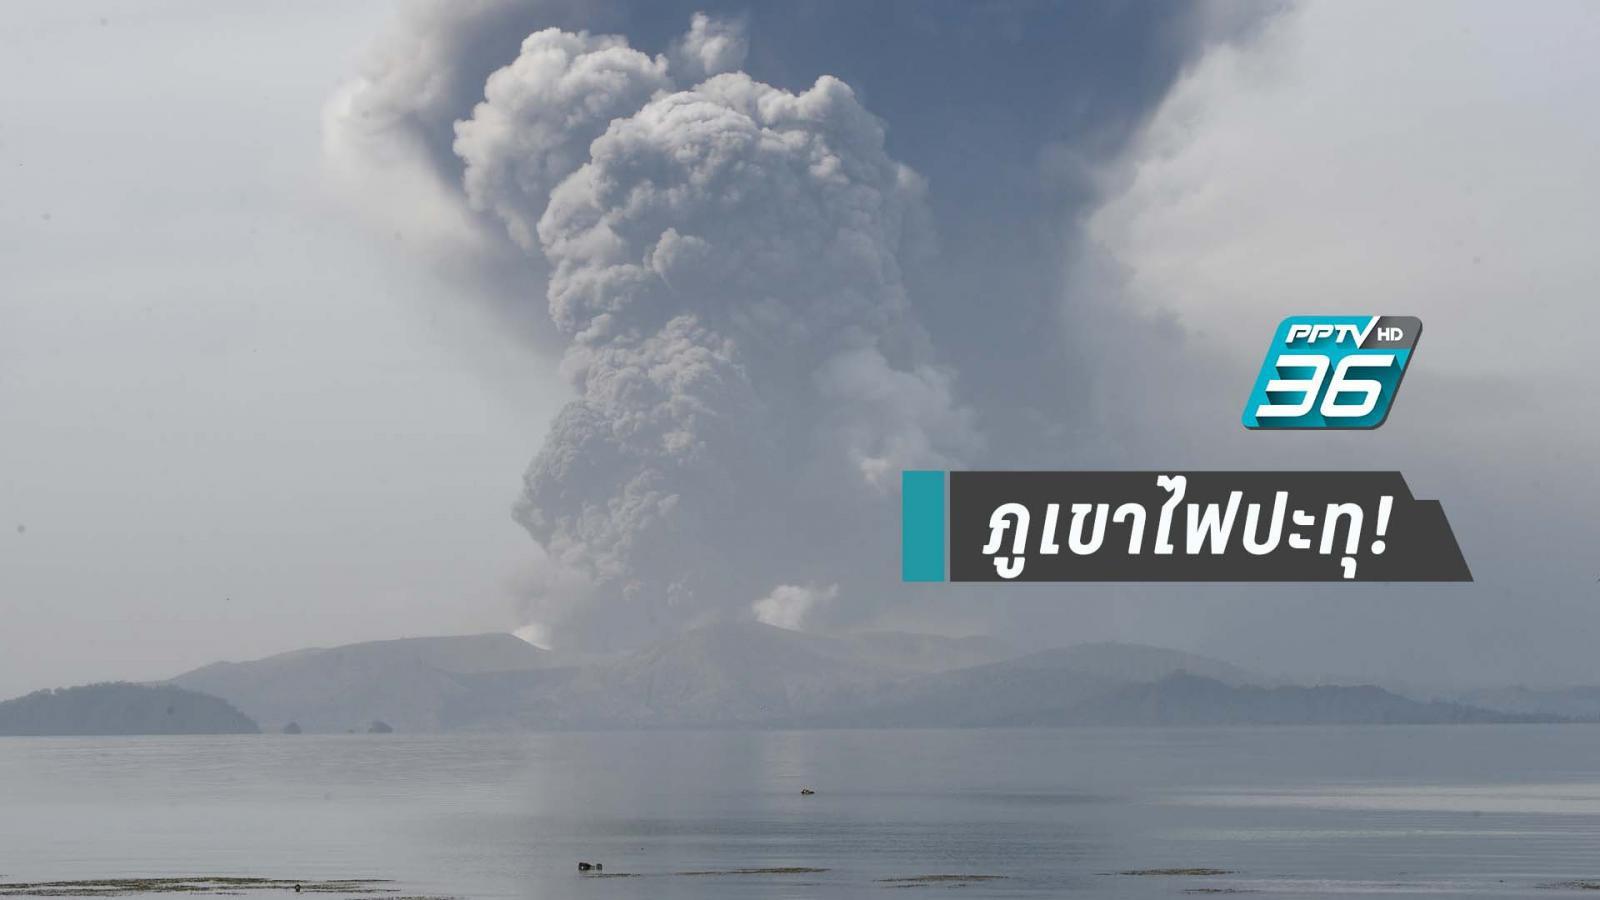 อันตราย! ภูเขาไฟตาอัล ปะทุ!! อพยพคนออกจากพื้นที่รัศมี 14 กม.